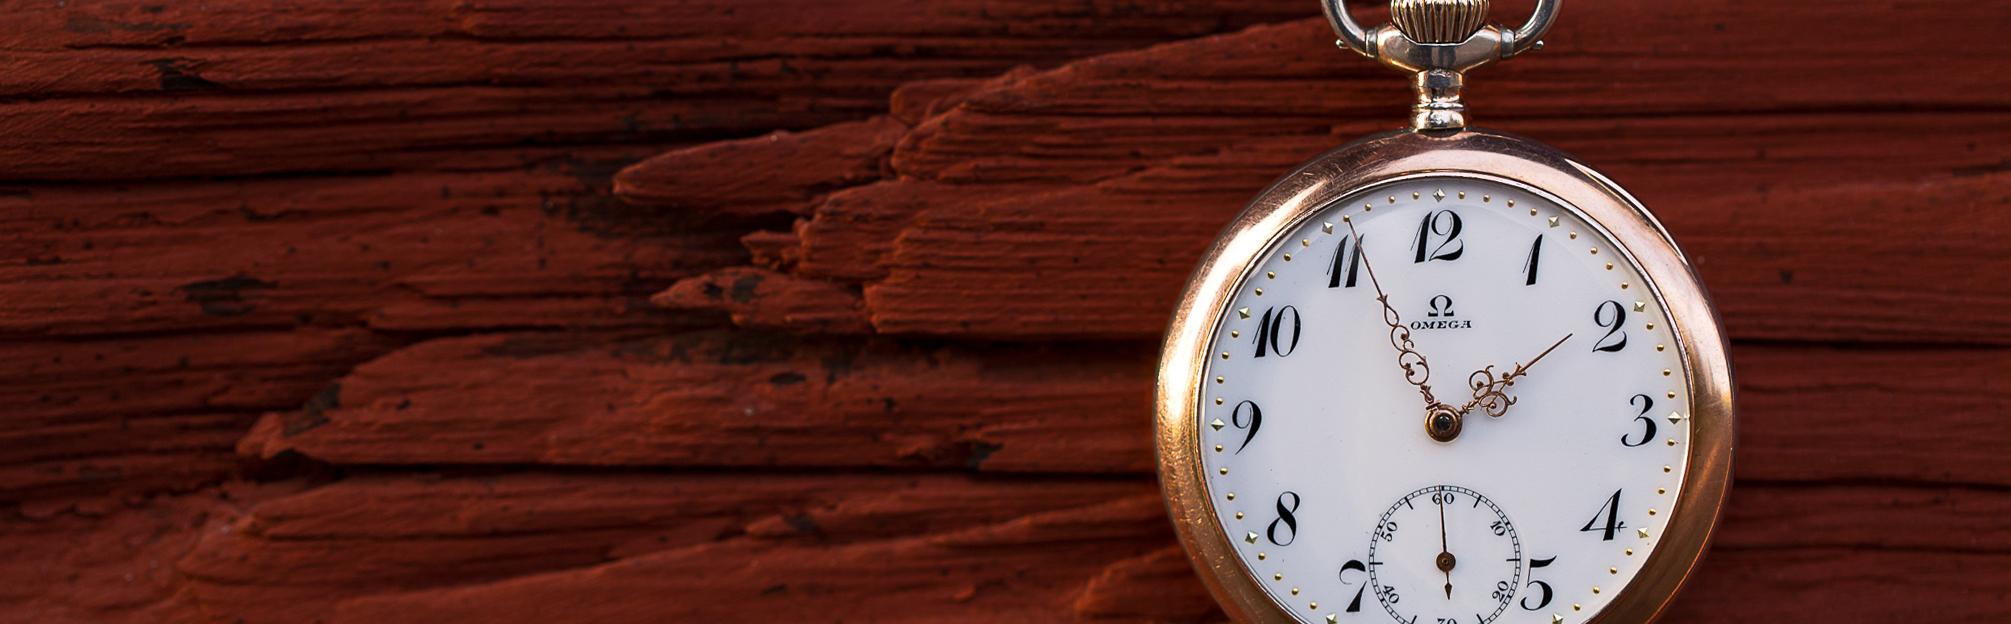 Vintage_omega_pocket_watch_wood